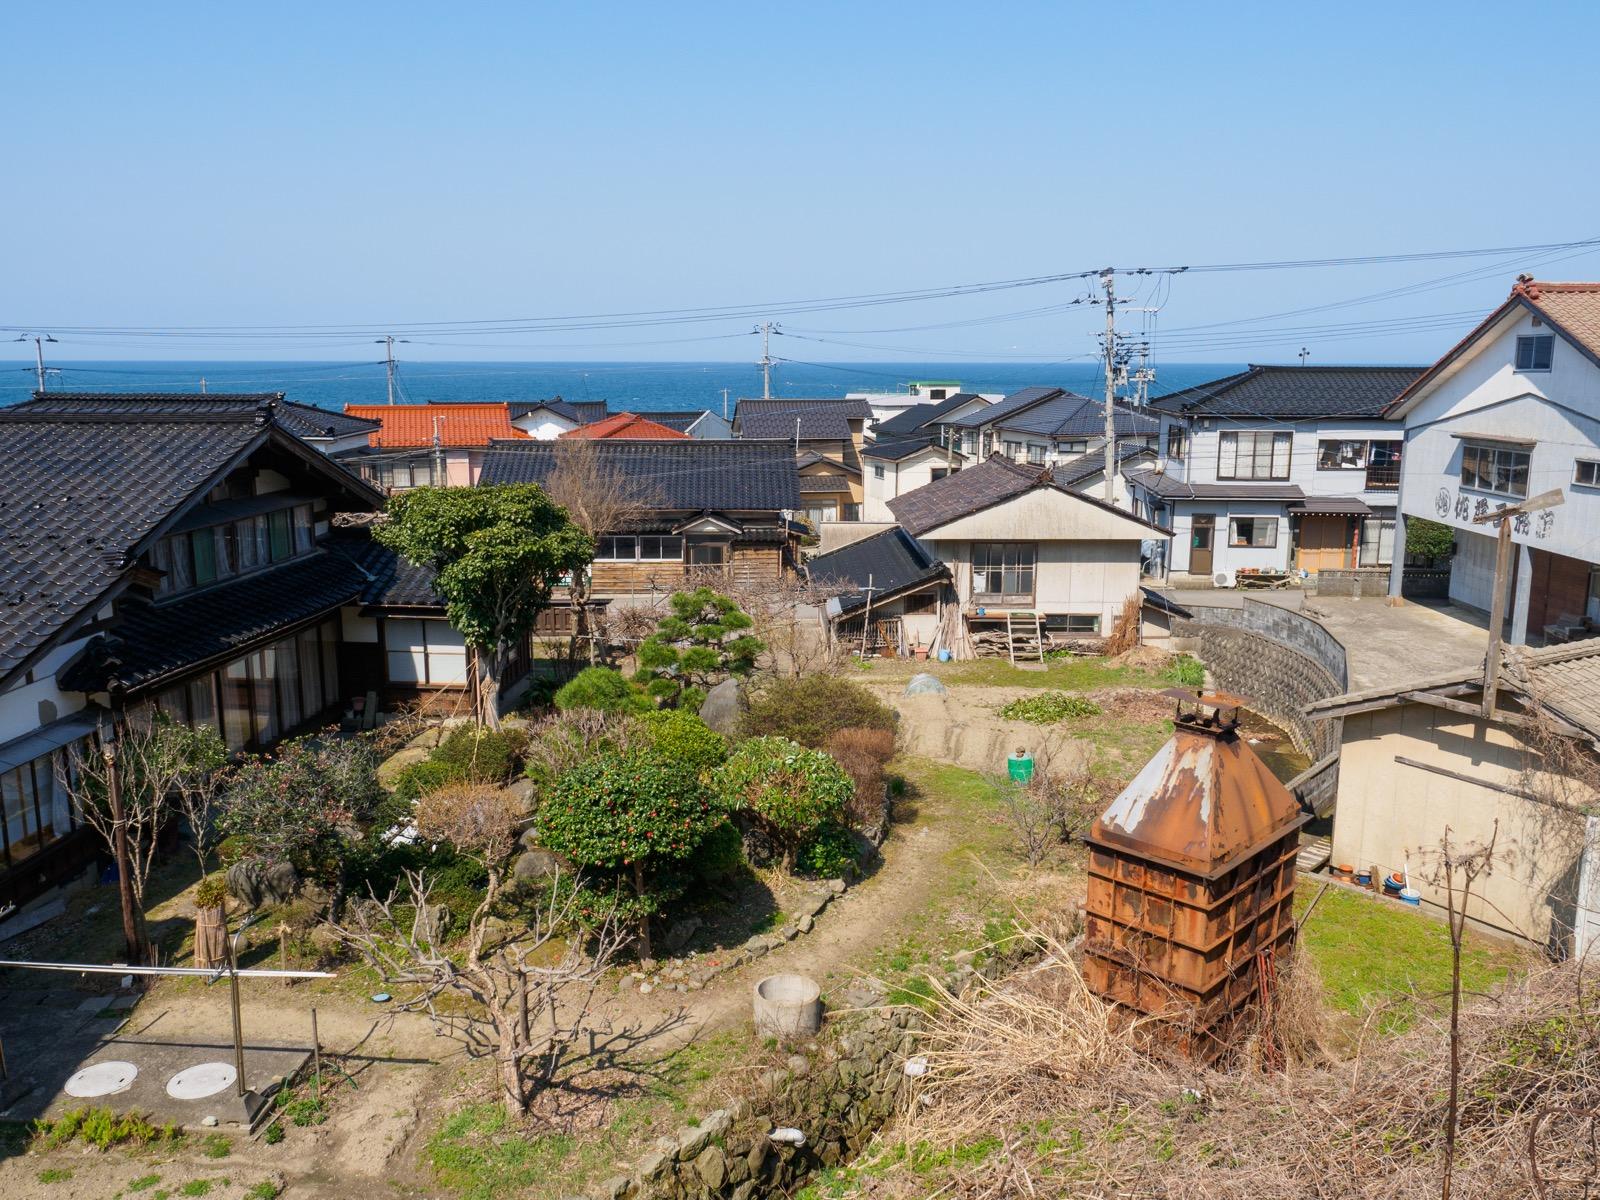 小波渡駅から見た集落と日本海